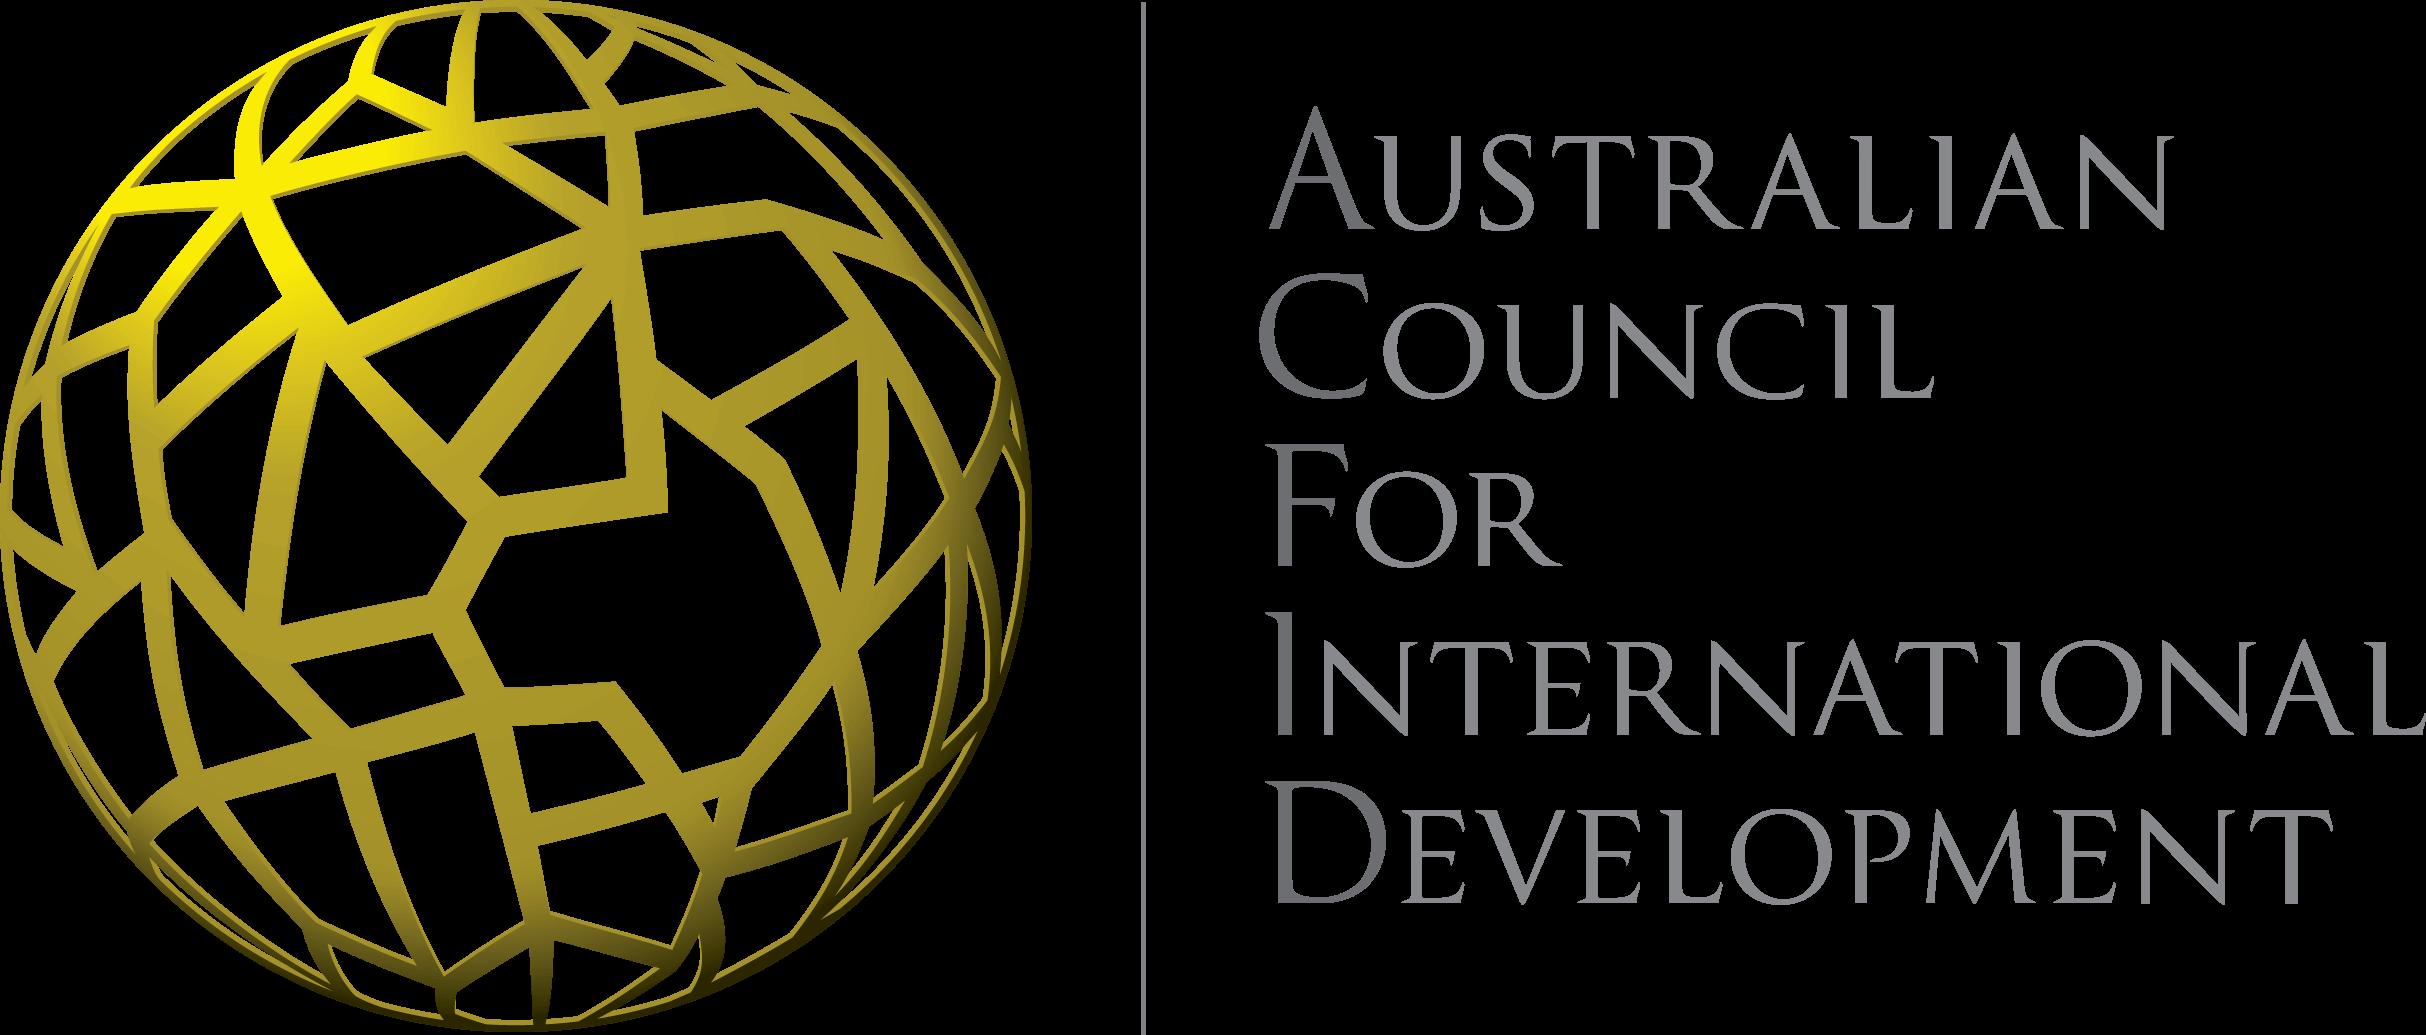 Australian Council for International Development